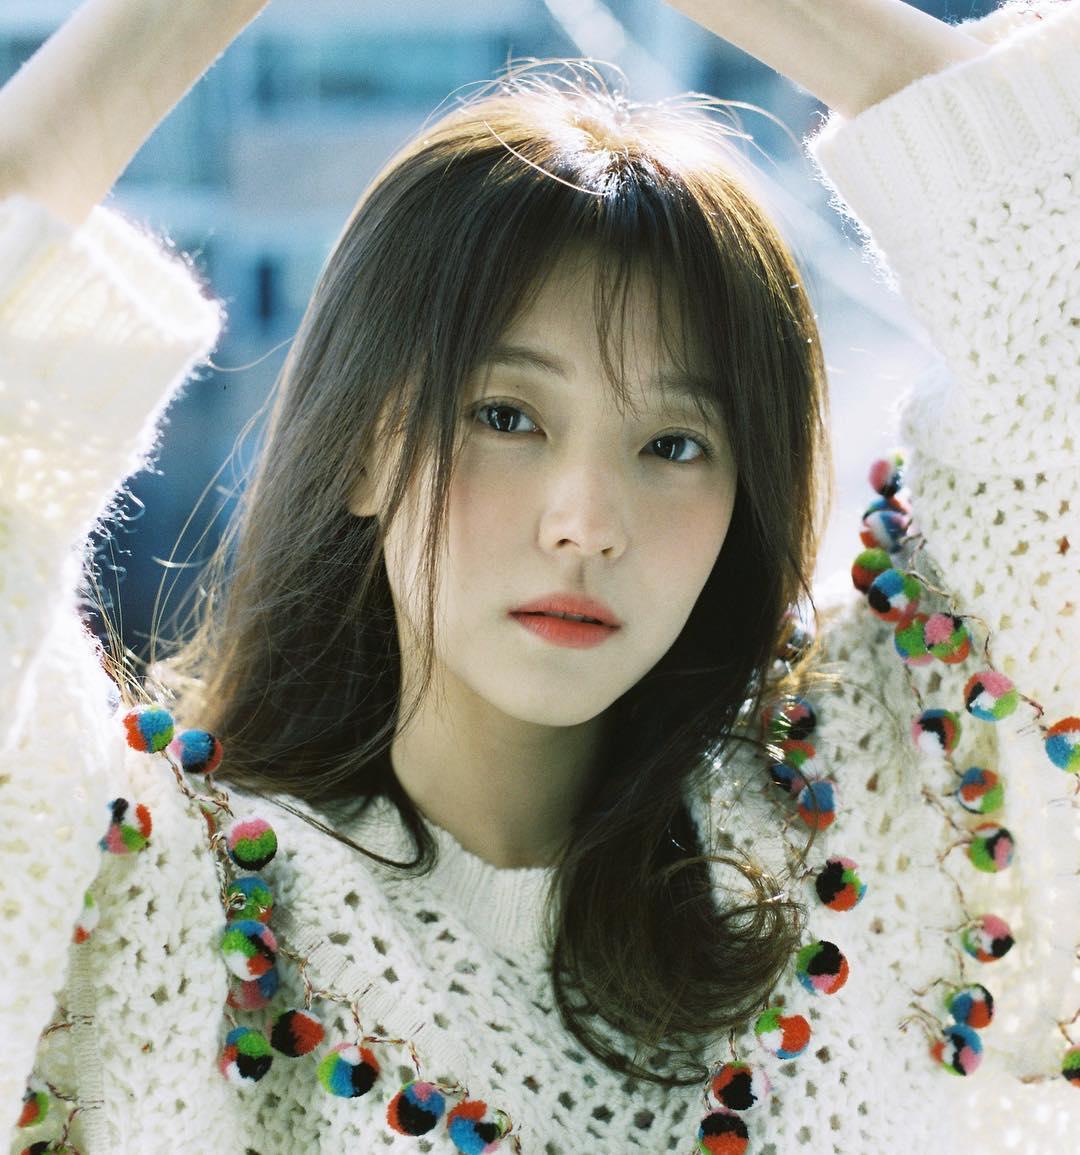 漫畫中「心機女配角」的角色在今天公佈由26歲的演員趙宇麗擔綱演出,趙宇麗雖然大家對她的名字可能比較陌生,但她演出的作品想必大家都不陌生